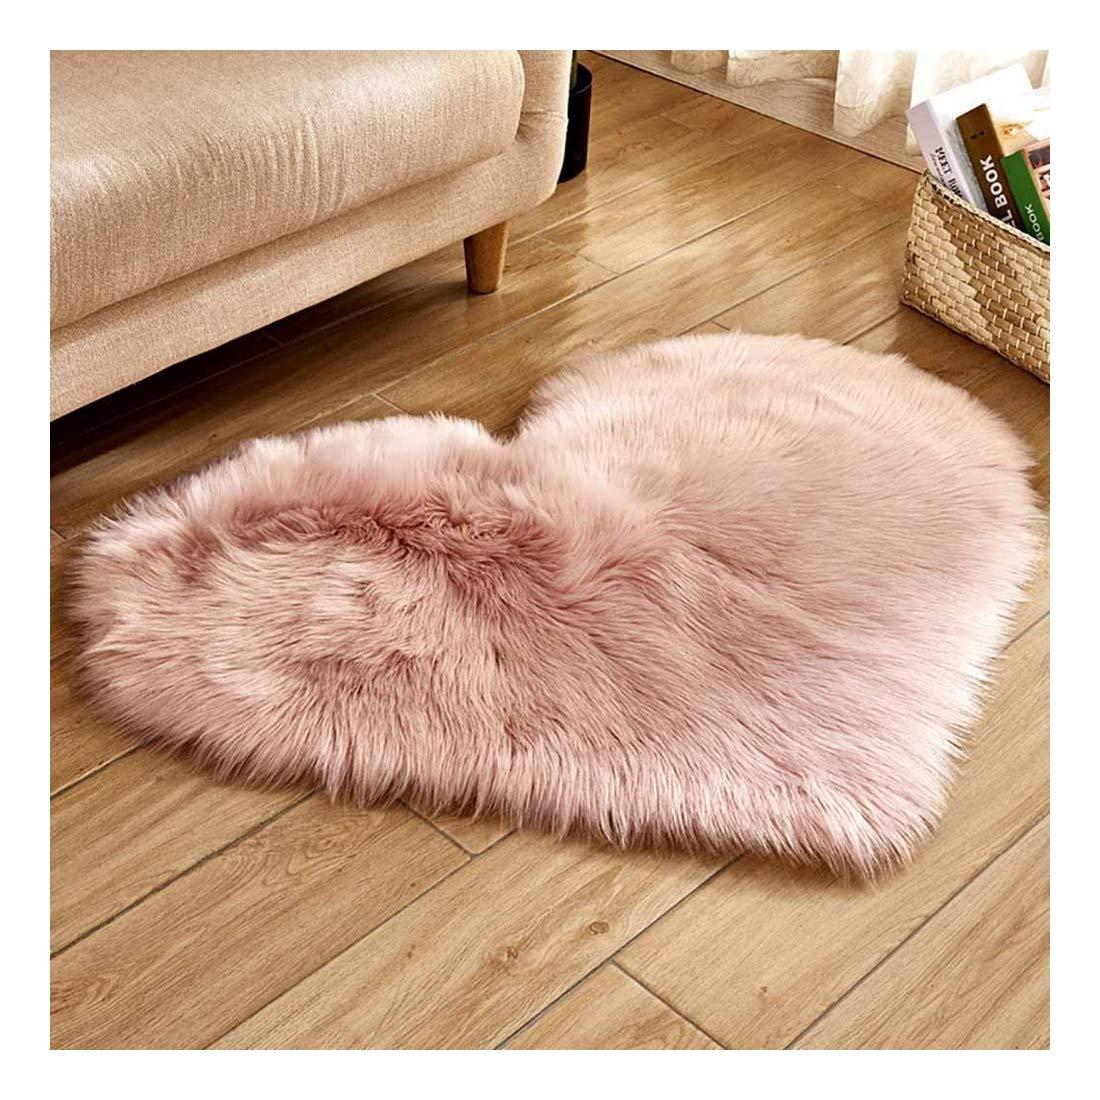 HEVÜY Teppich Heart-Shaped, Langflor Modern Teppiche fürs Wohnzimmer, Schlafzimmer, Esszimmer oder Kinderzimmer, Größe: 30x40 cm (Rosa)